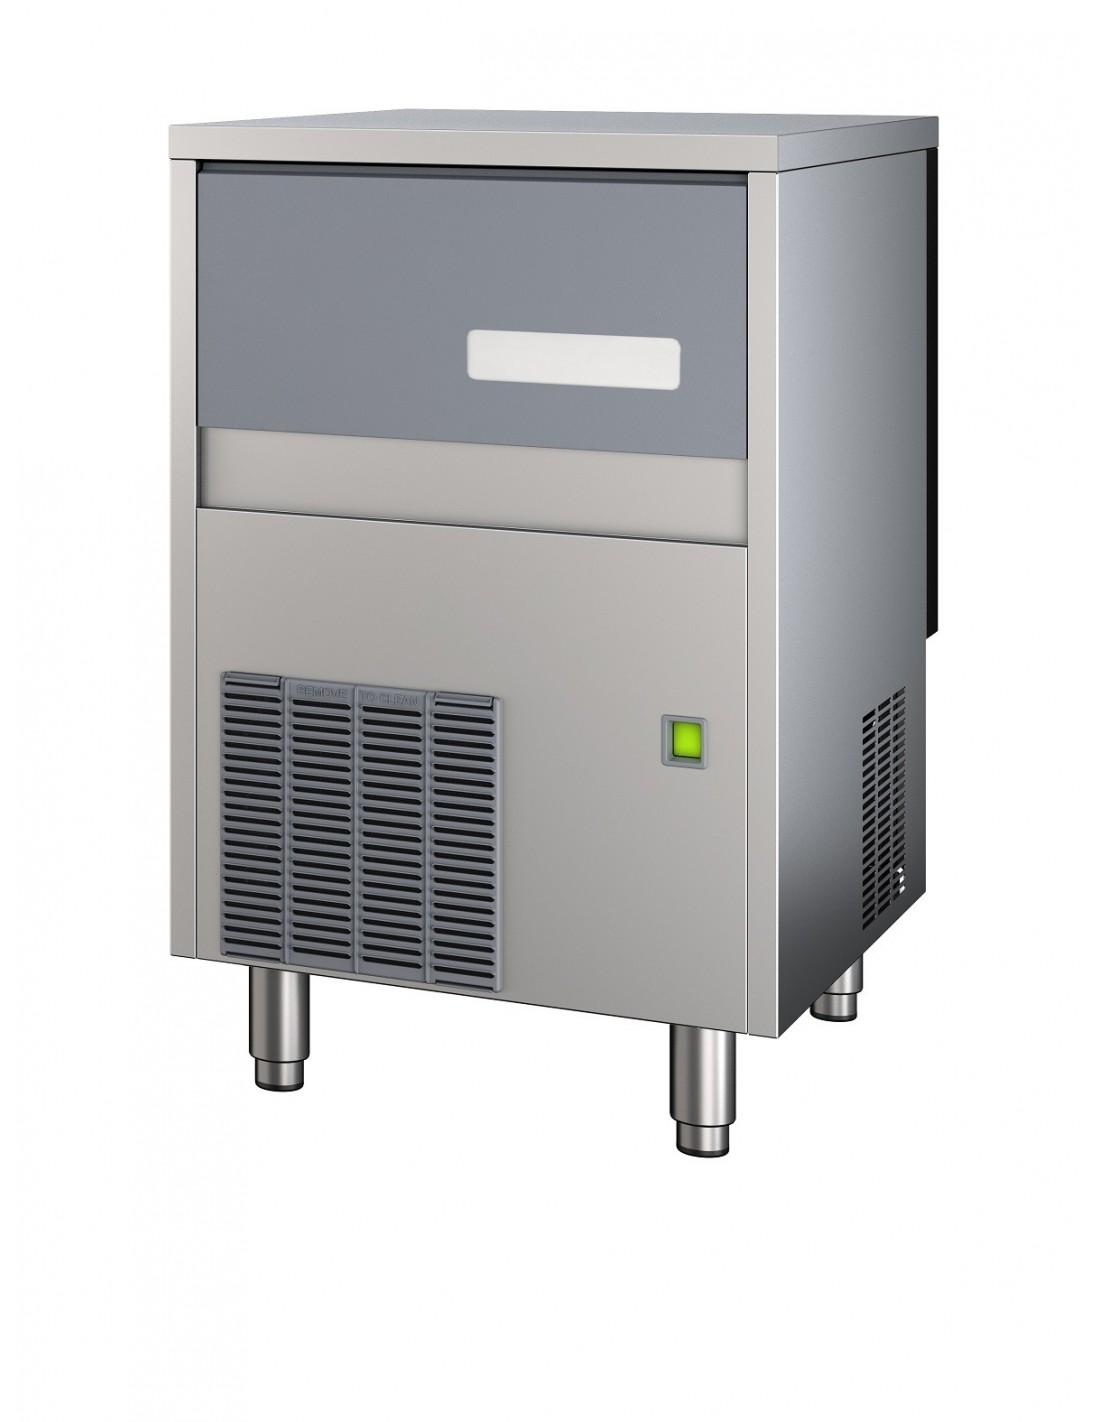 Fabbricatore di ghiaccio a granuli pressati SLT 170